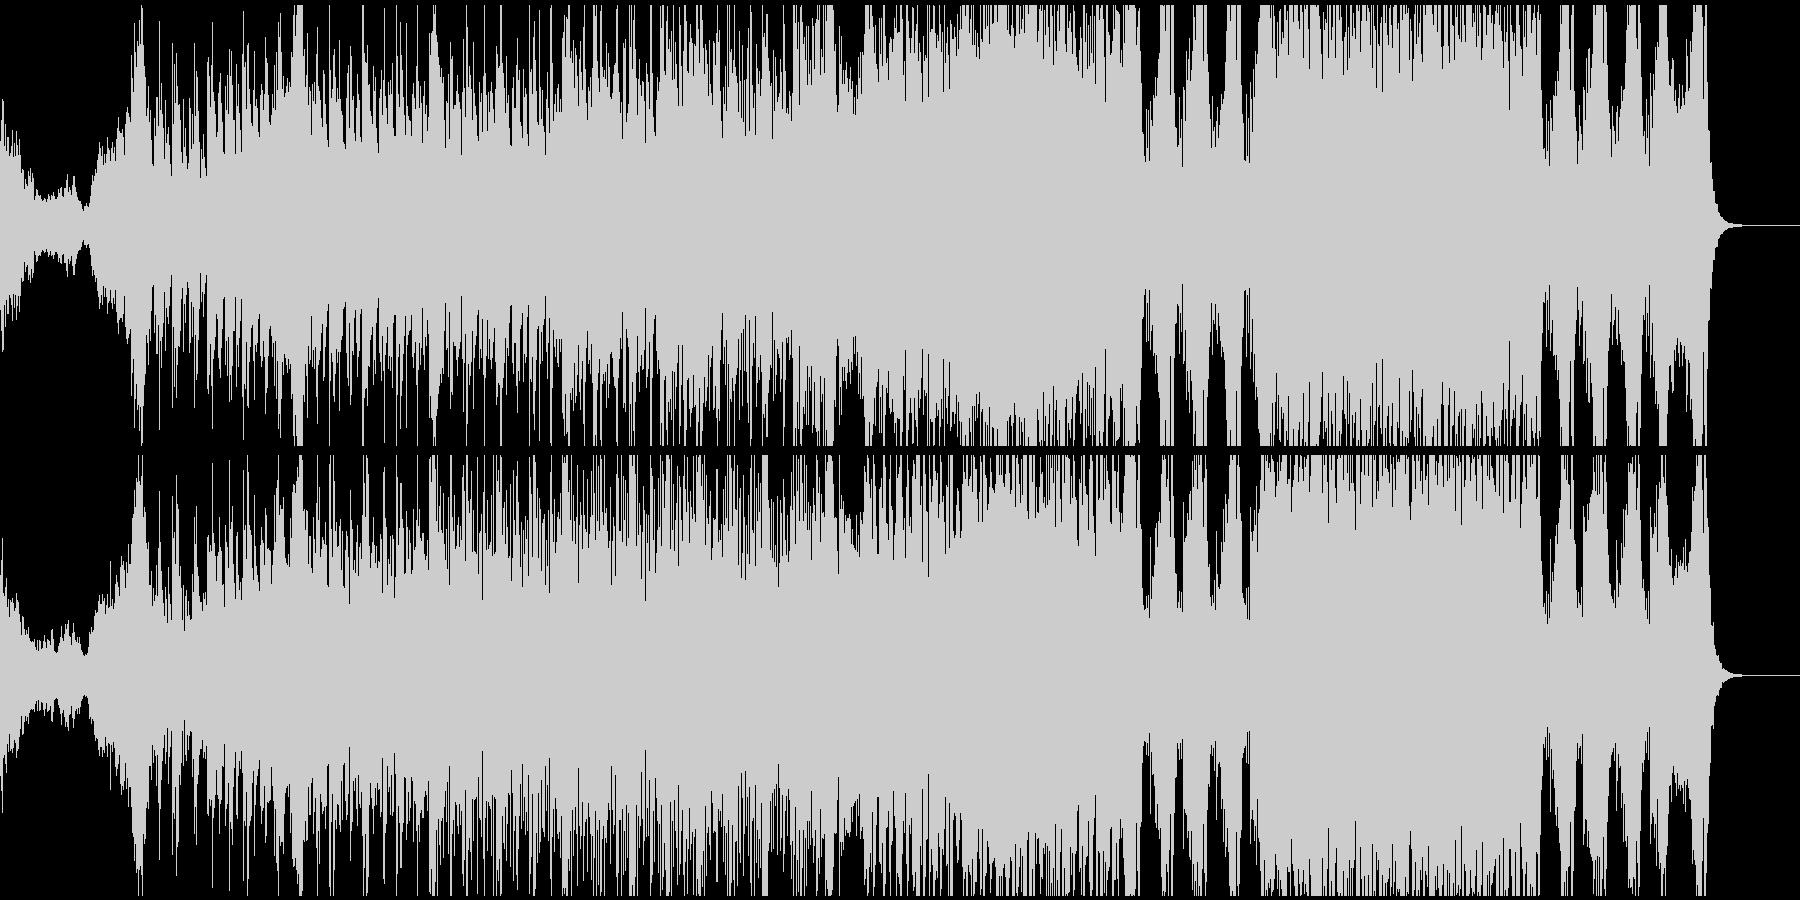 緊張感、スピード感ある和風オーケストラの未再生の波形